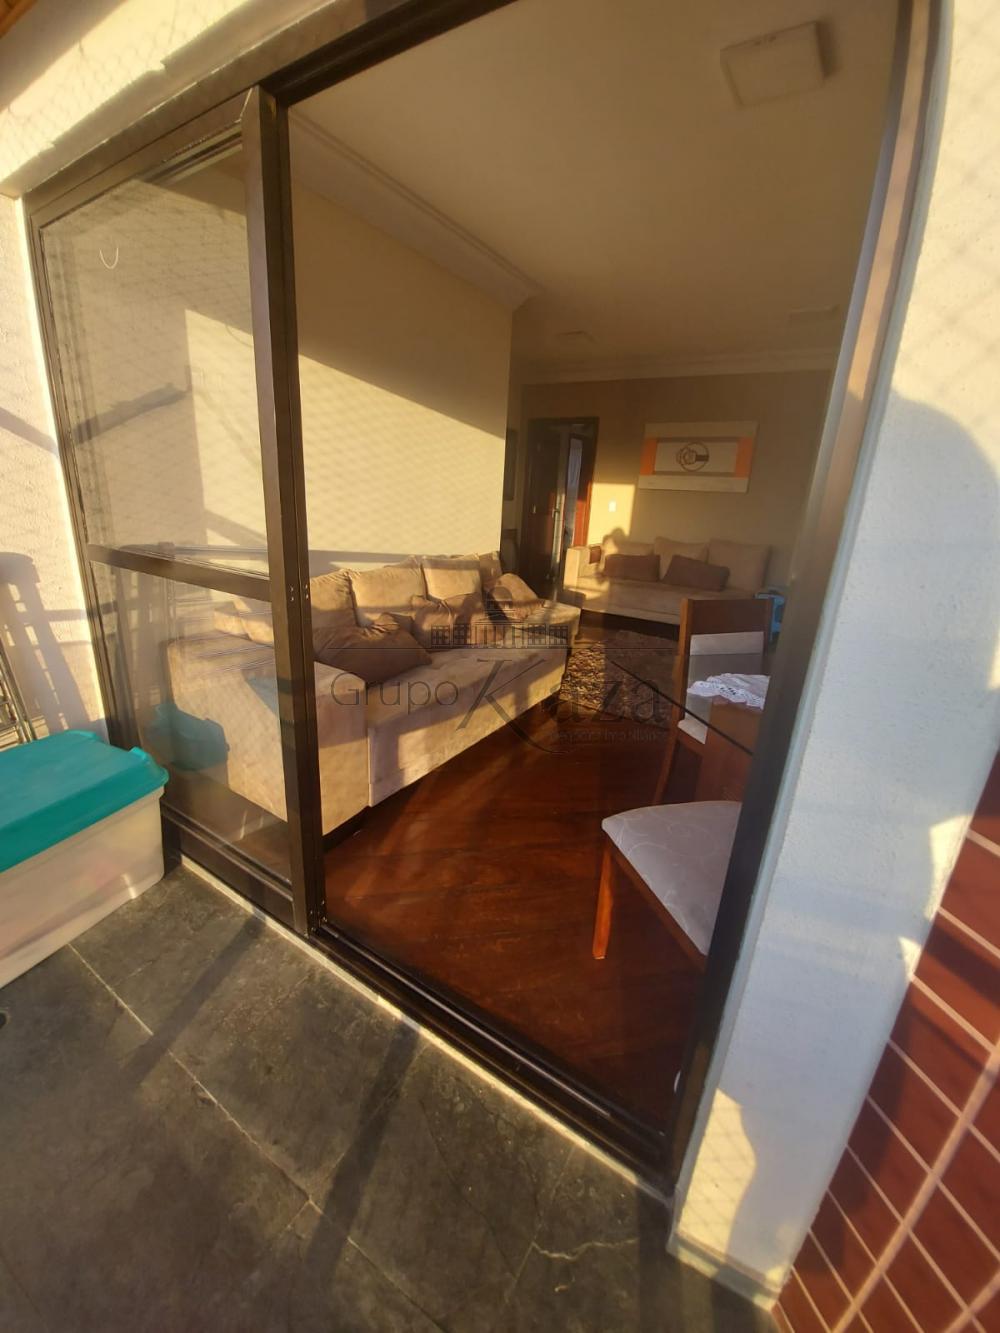 alt='Alugar Apartamento / Padrão em São José dos Campos R$ 2.750,00 - Foto 2' title='Alugar Apartamento / Padrão em São José dos Campos R$ 2.750,00 - Foto 2'